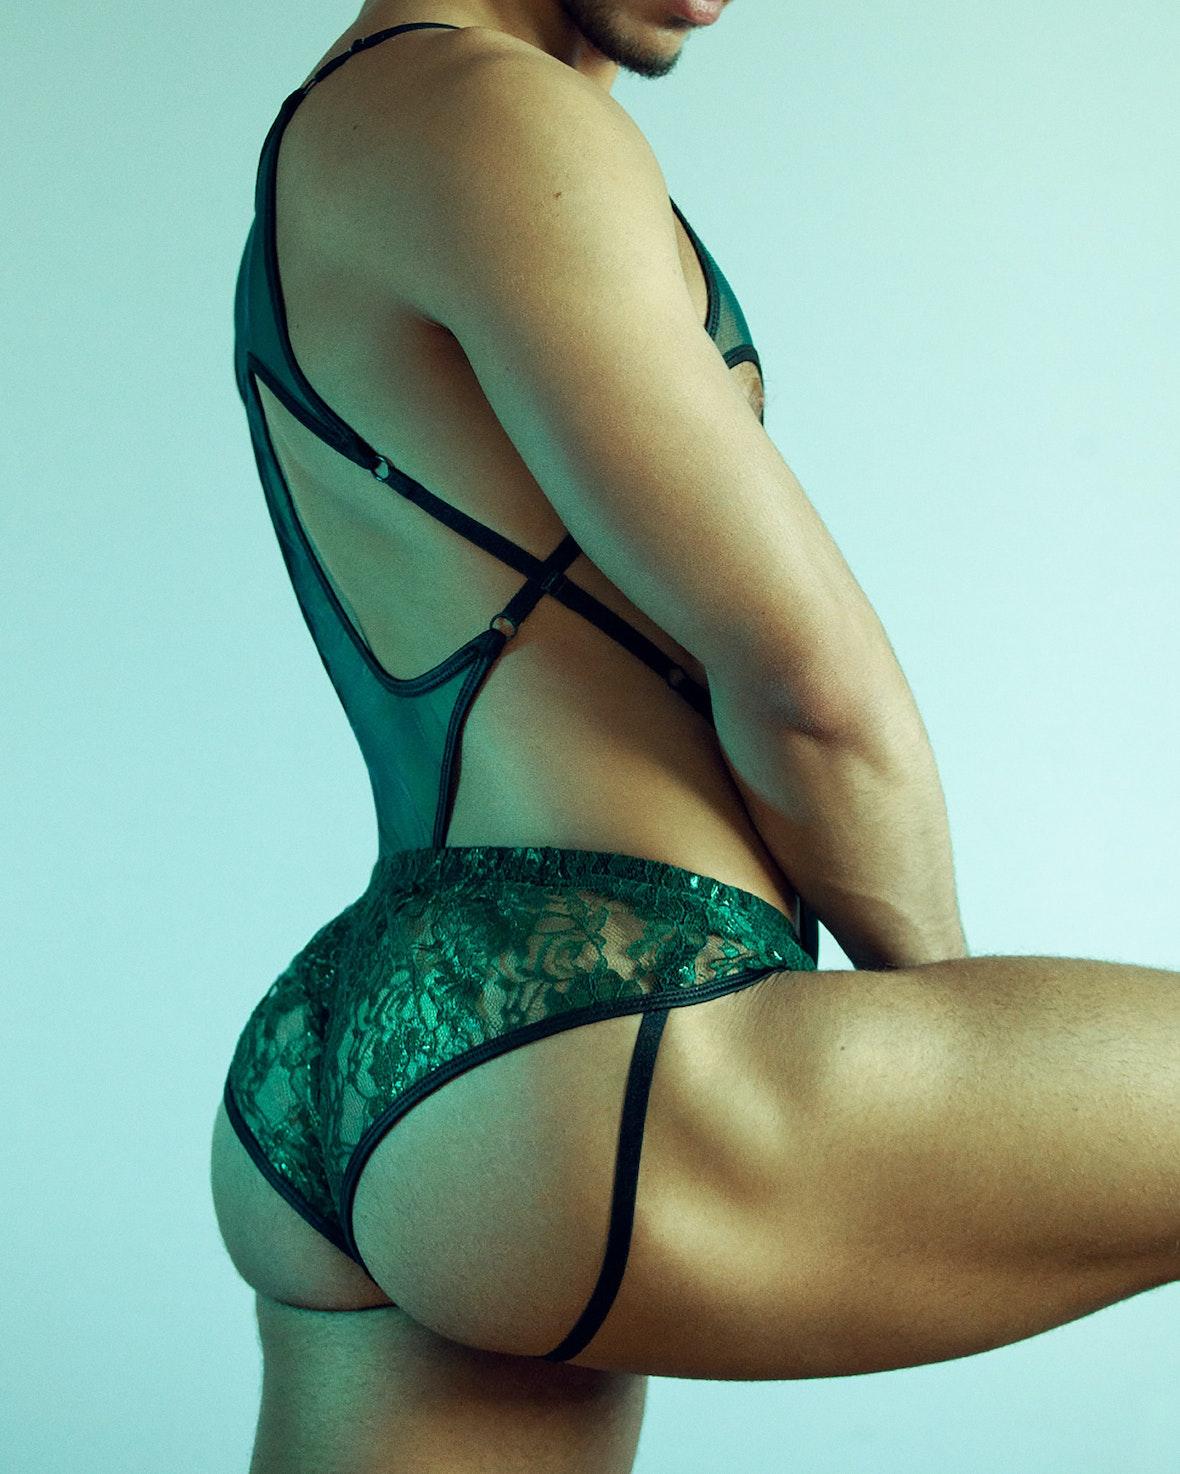 Why men like panties